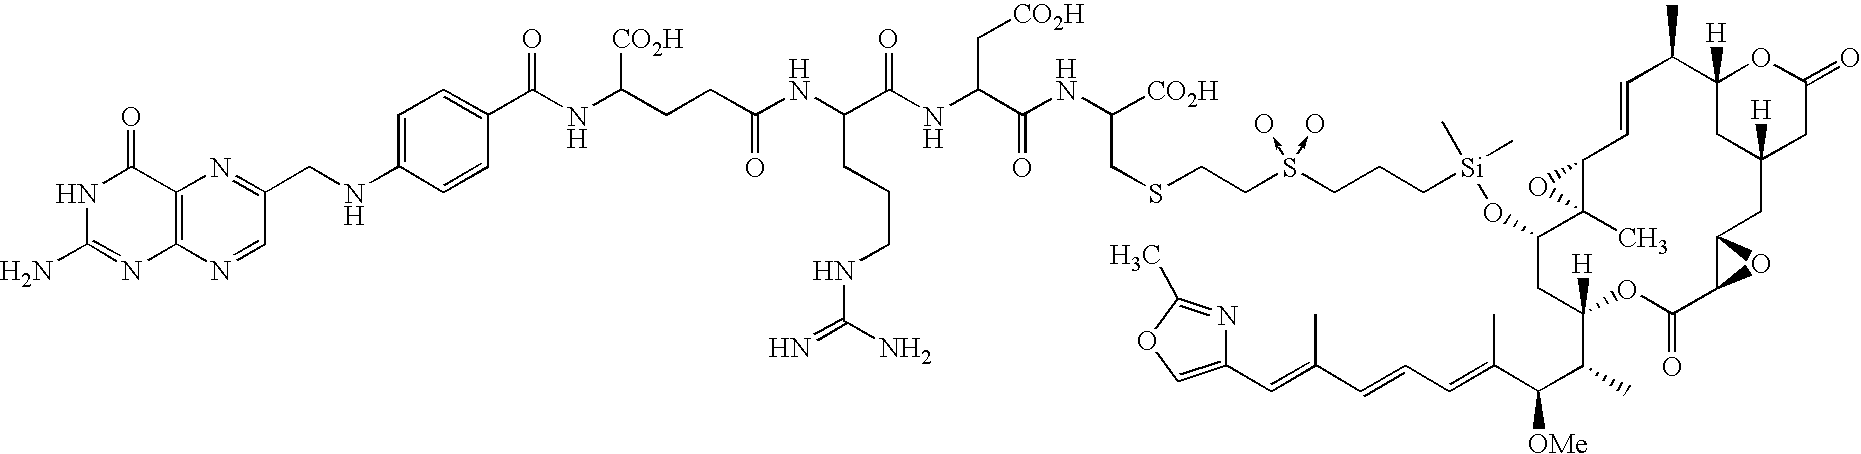 Figure US20100004276A1-20100107-C00143